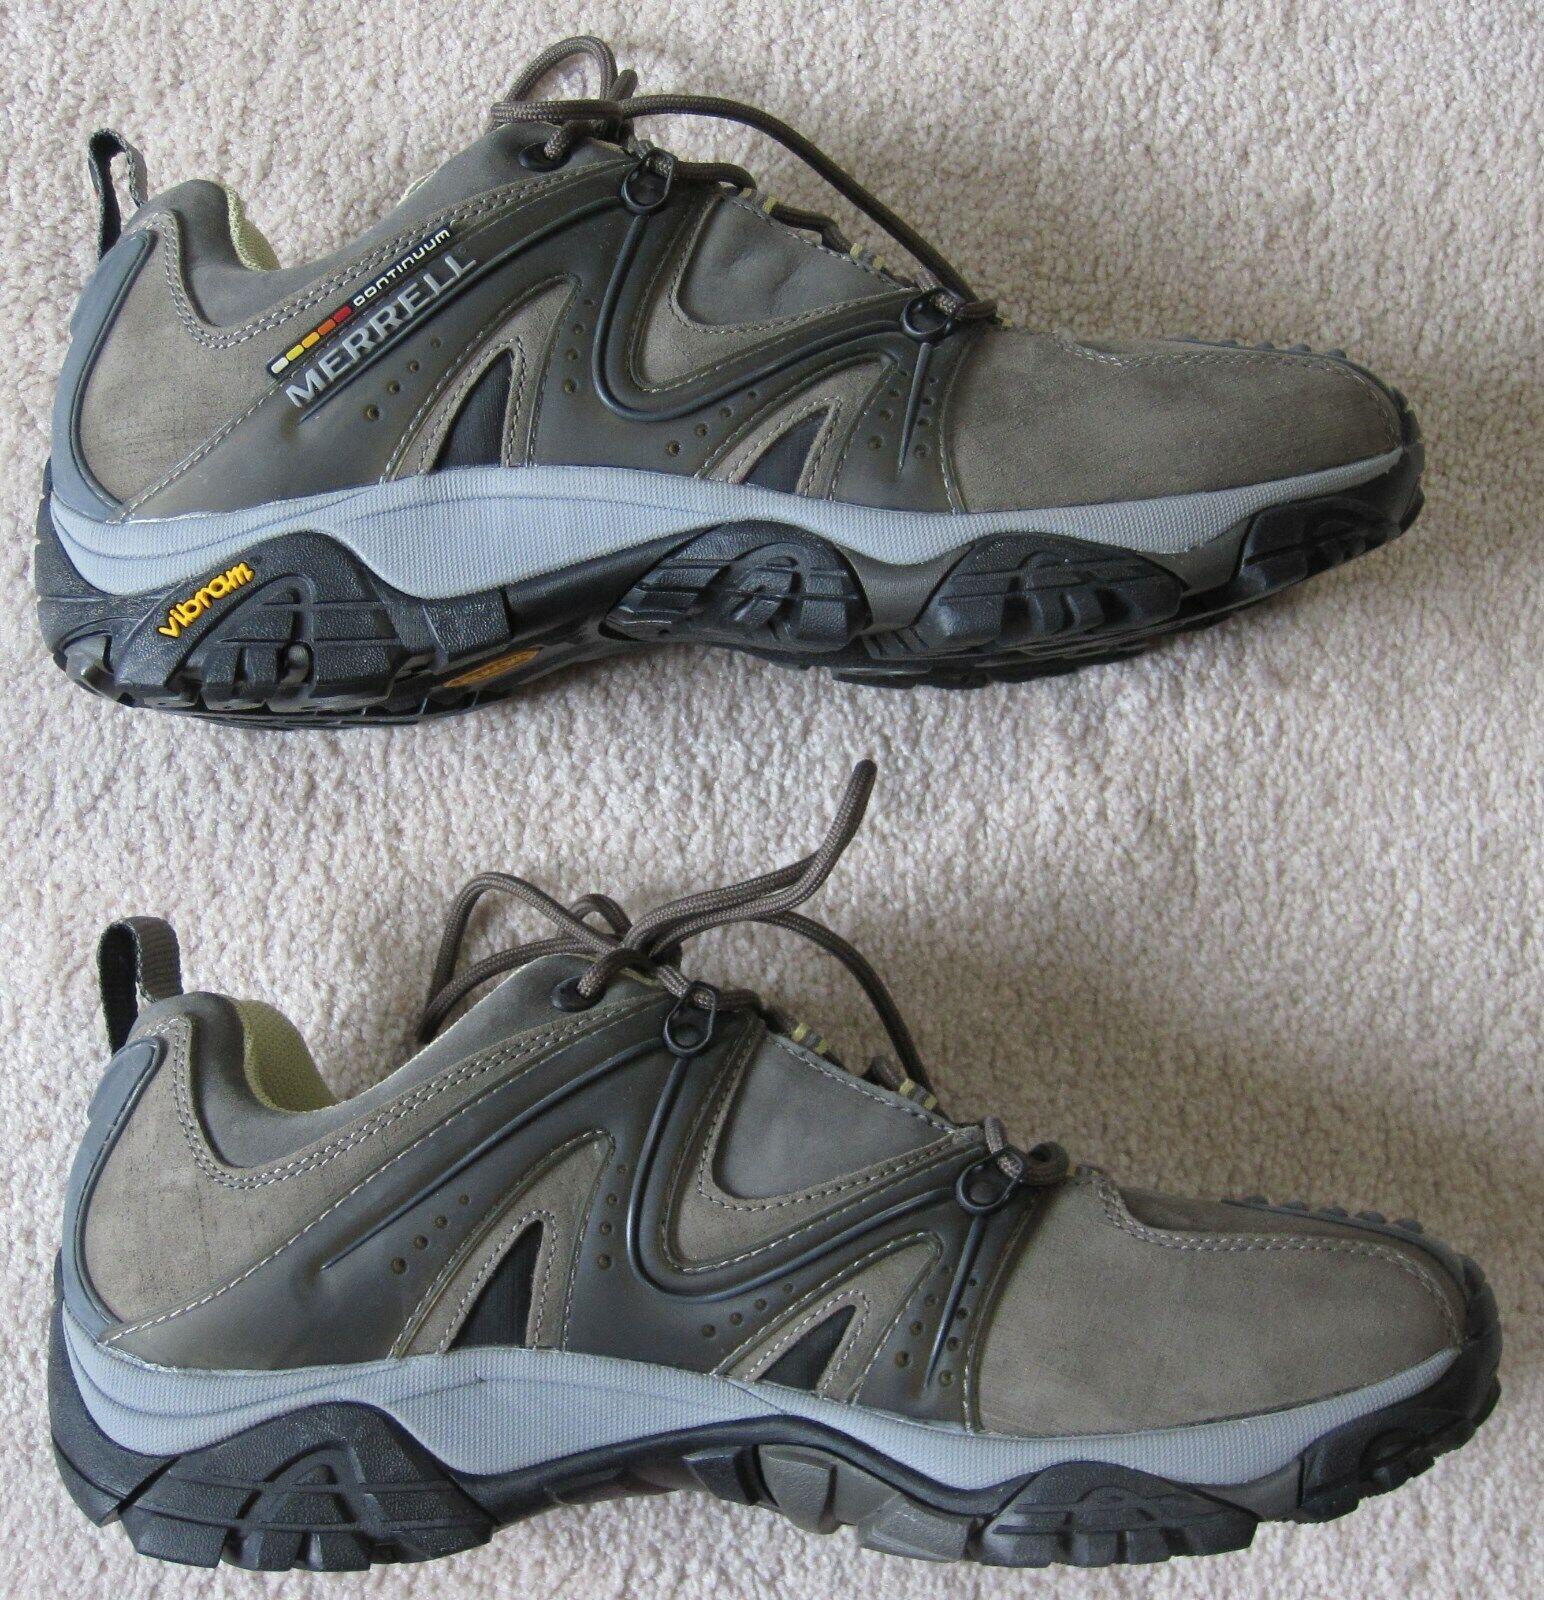 Nuevo reactor merrell calzado de cuero alpinista - amarre - suela de zapatos Vibram - 11,5 metros estilo masculino